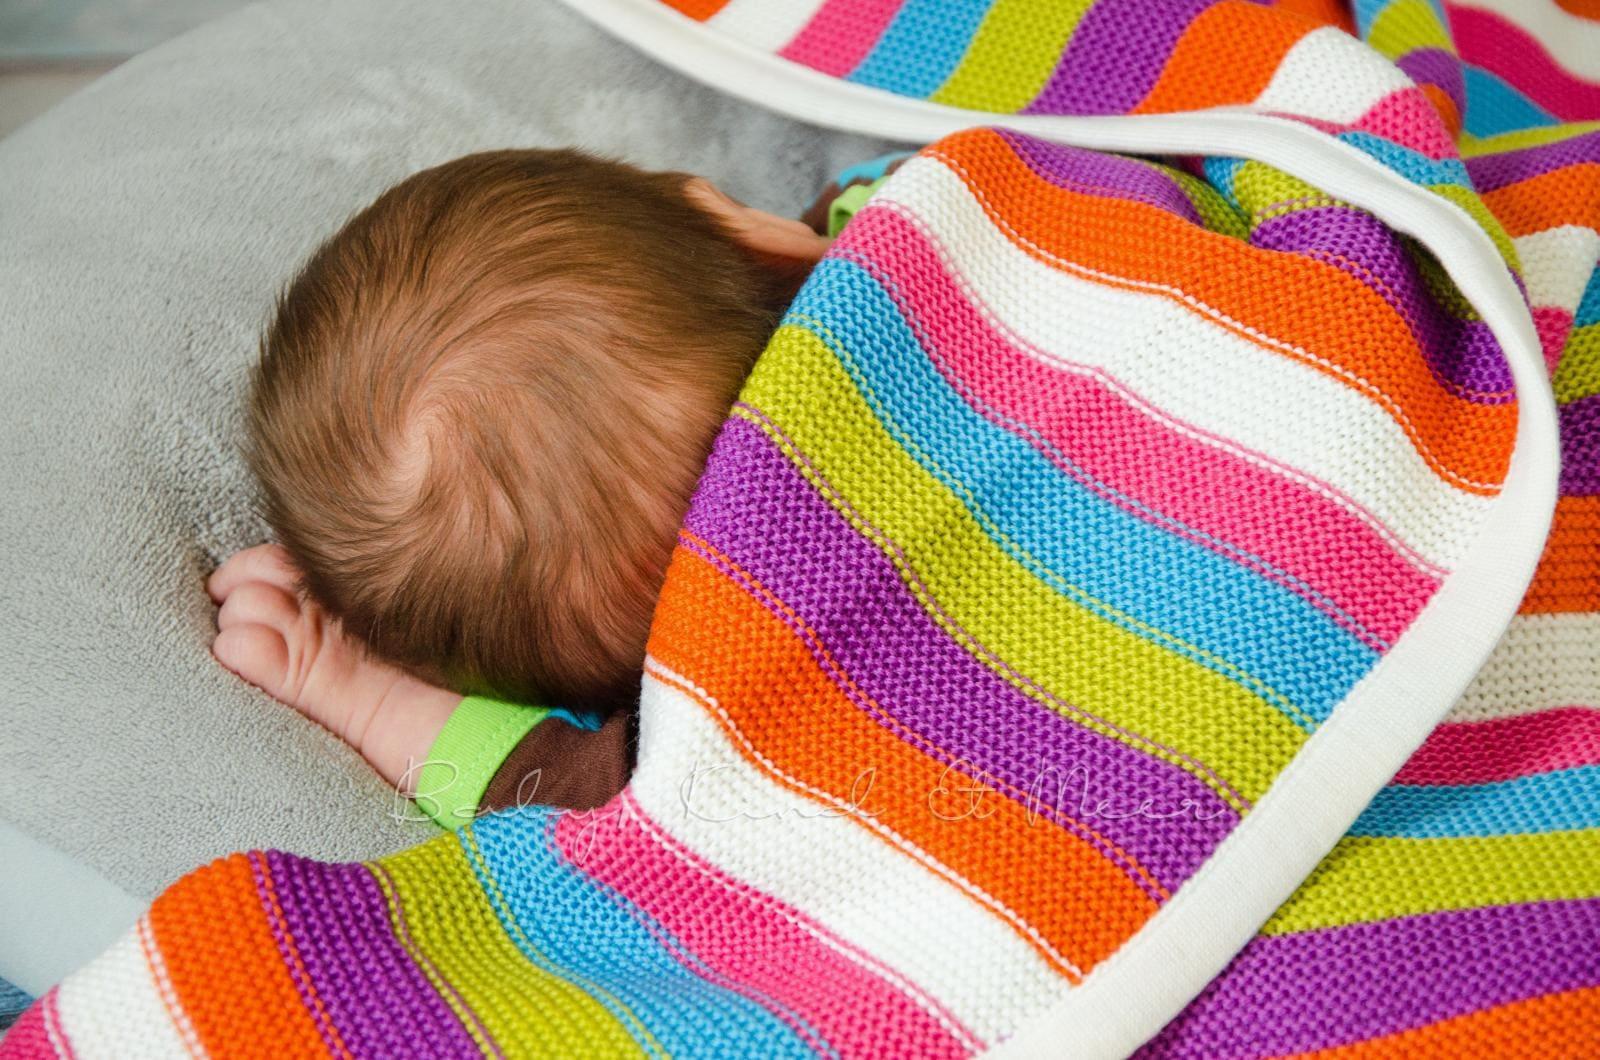 7 wahrheiten f r werdende mamas tipps f r eltern eltern familie baby kind und meer. Black Bedroom Furniture Sets. Home Design Ideas